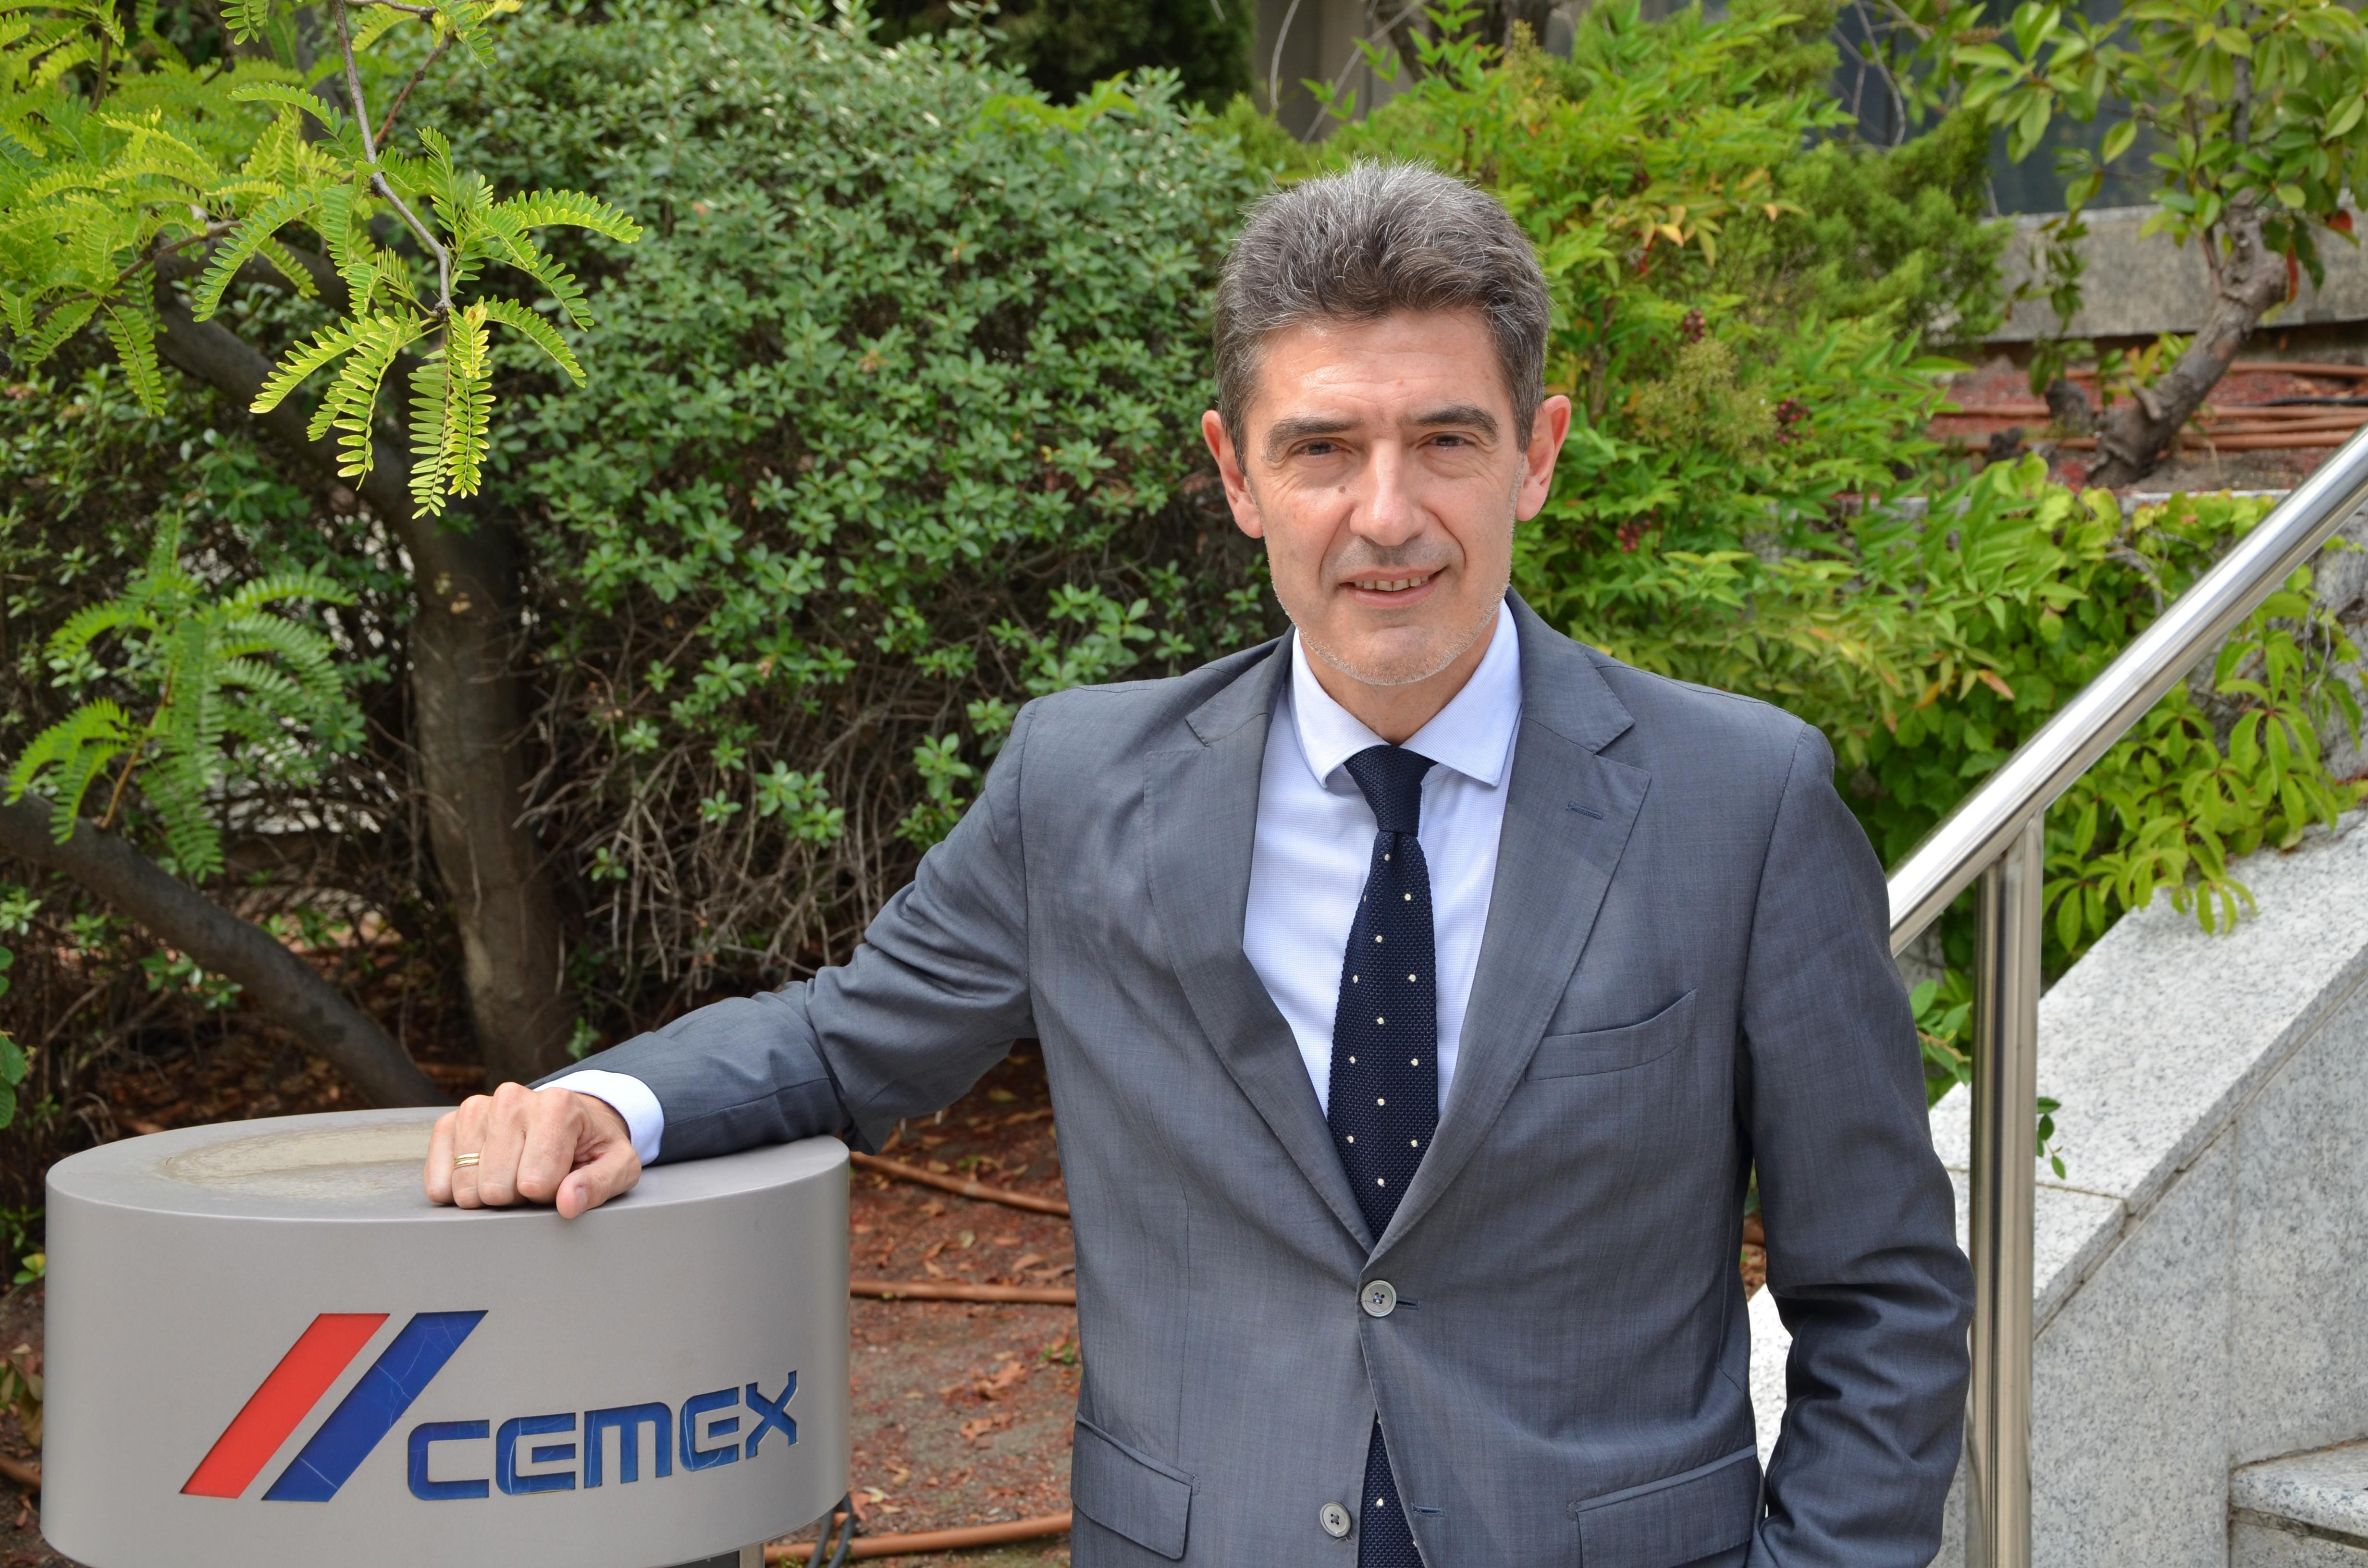 Se acaba de incorporar a CEMEX España Operaciones, en calidad de presidente y consejero delegado, Pedro Palomino, en sustitución de Jaime Ruiz de Haro, que ha ocupado ese puesto durante los 6 últimos años.